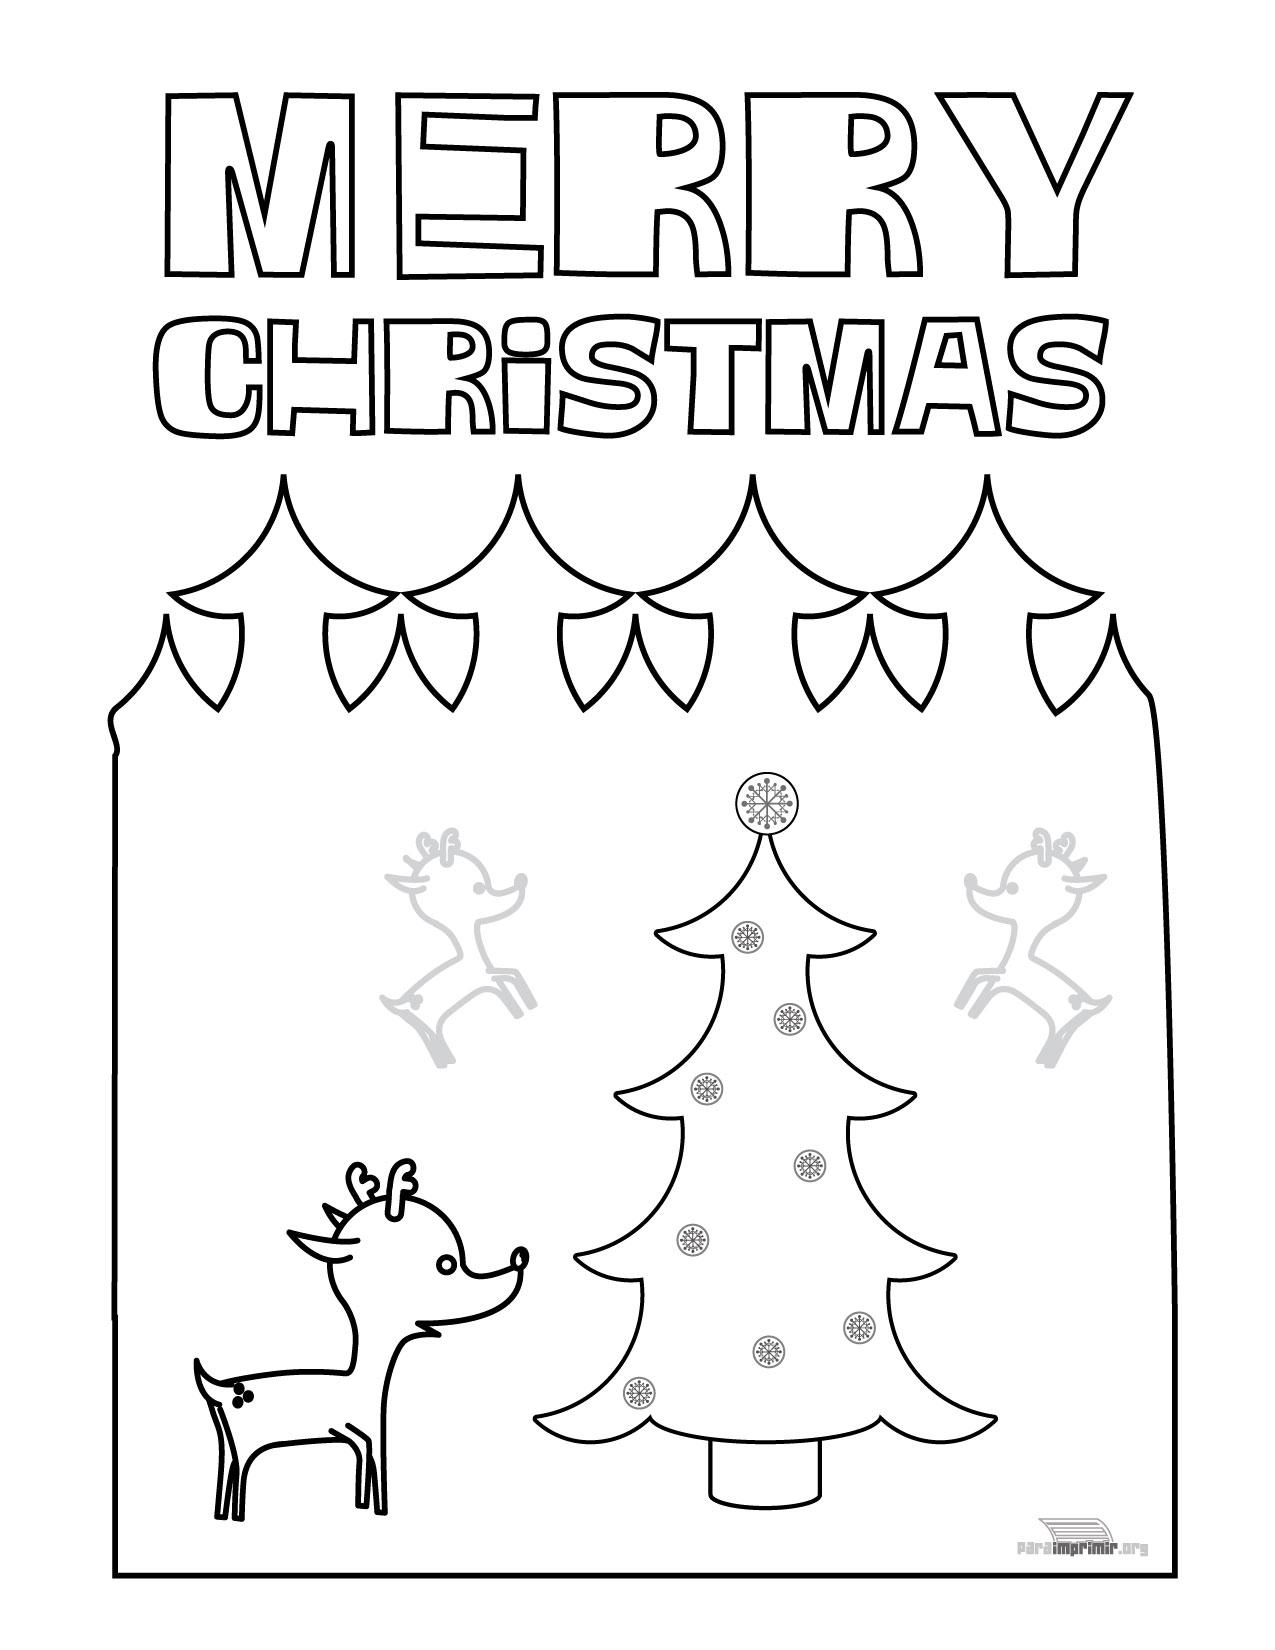 Dibujo De Navidad Para Imprimir En Ingles